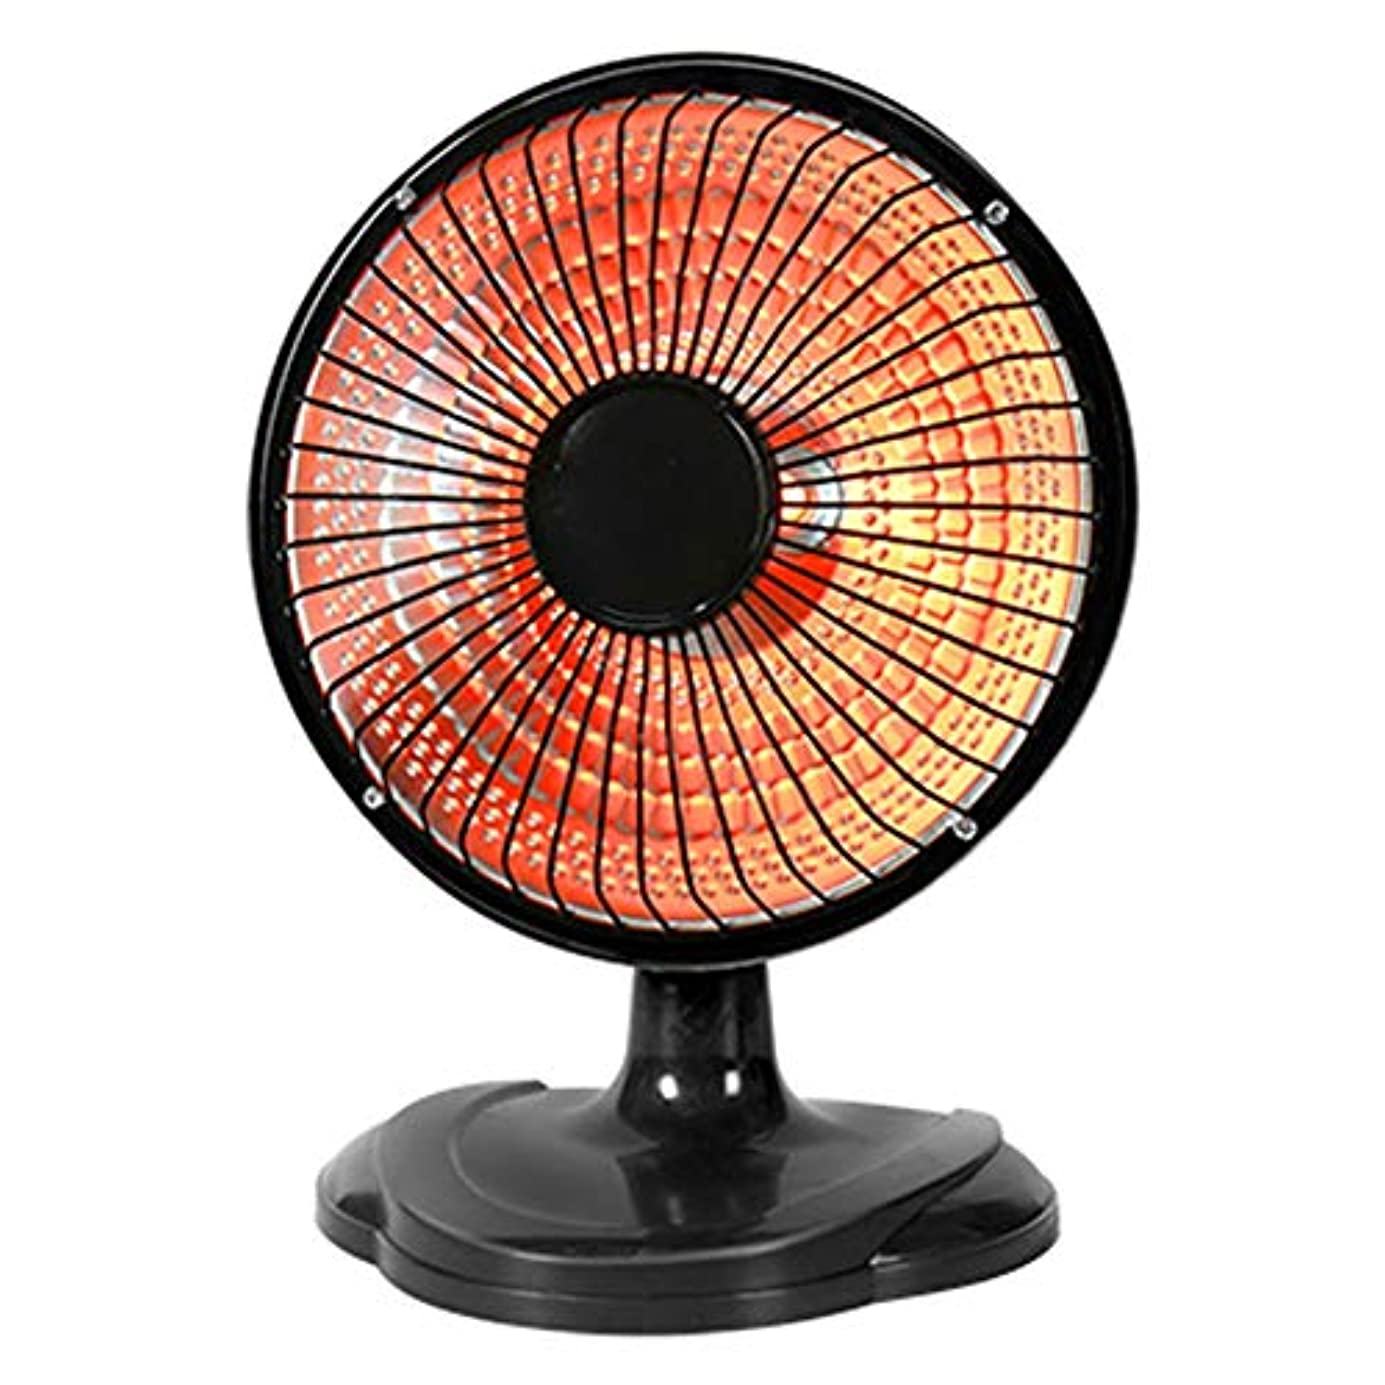 知らせる感動する腹痛調節可能なチルトホームオフィスのデスクトップやフロアスペースヒーター節電暖房小日ヒーターと電気パラボリック振動放射ディッシュヒーター (Color : Black)